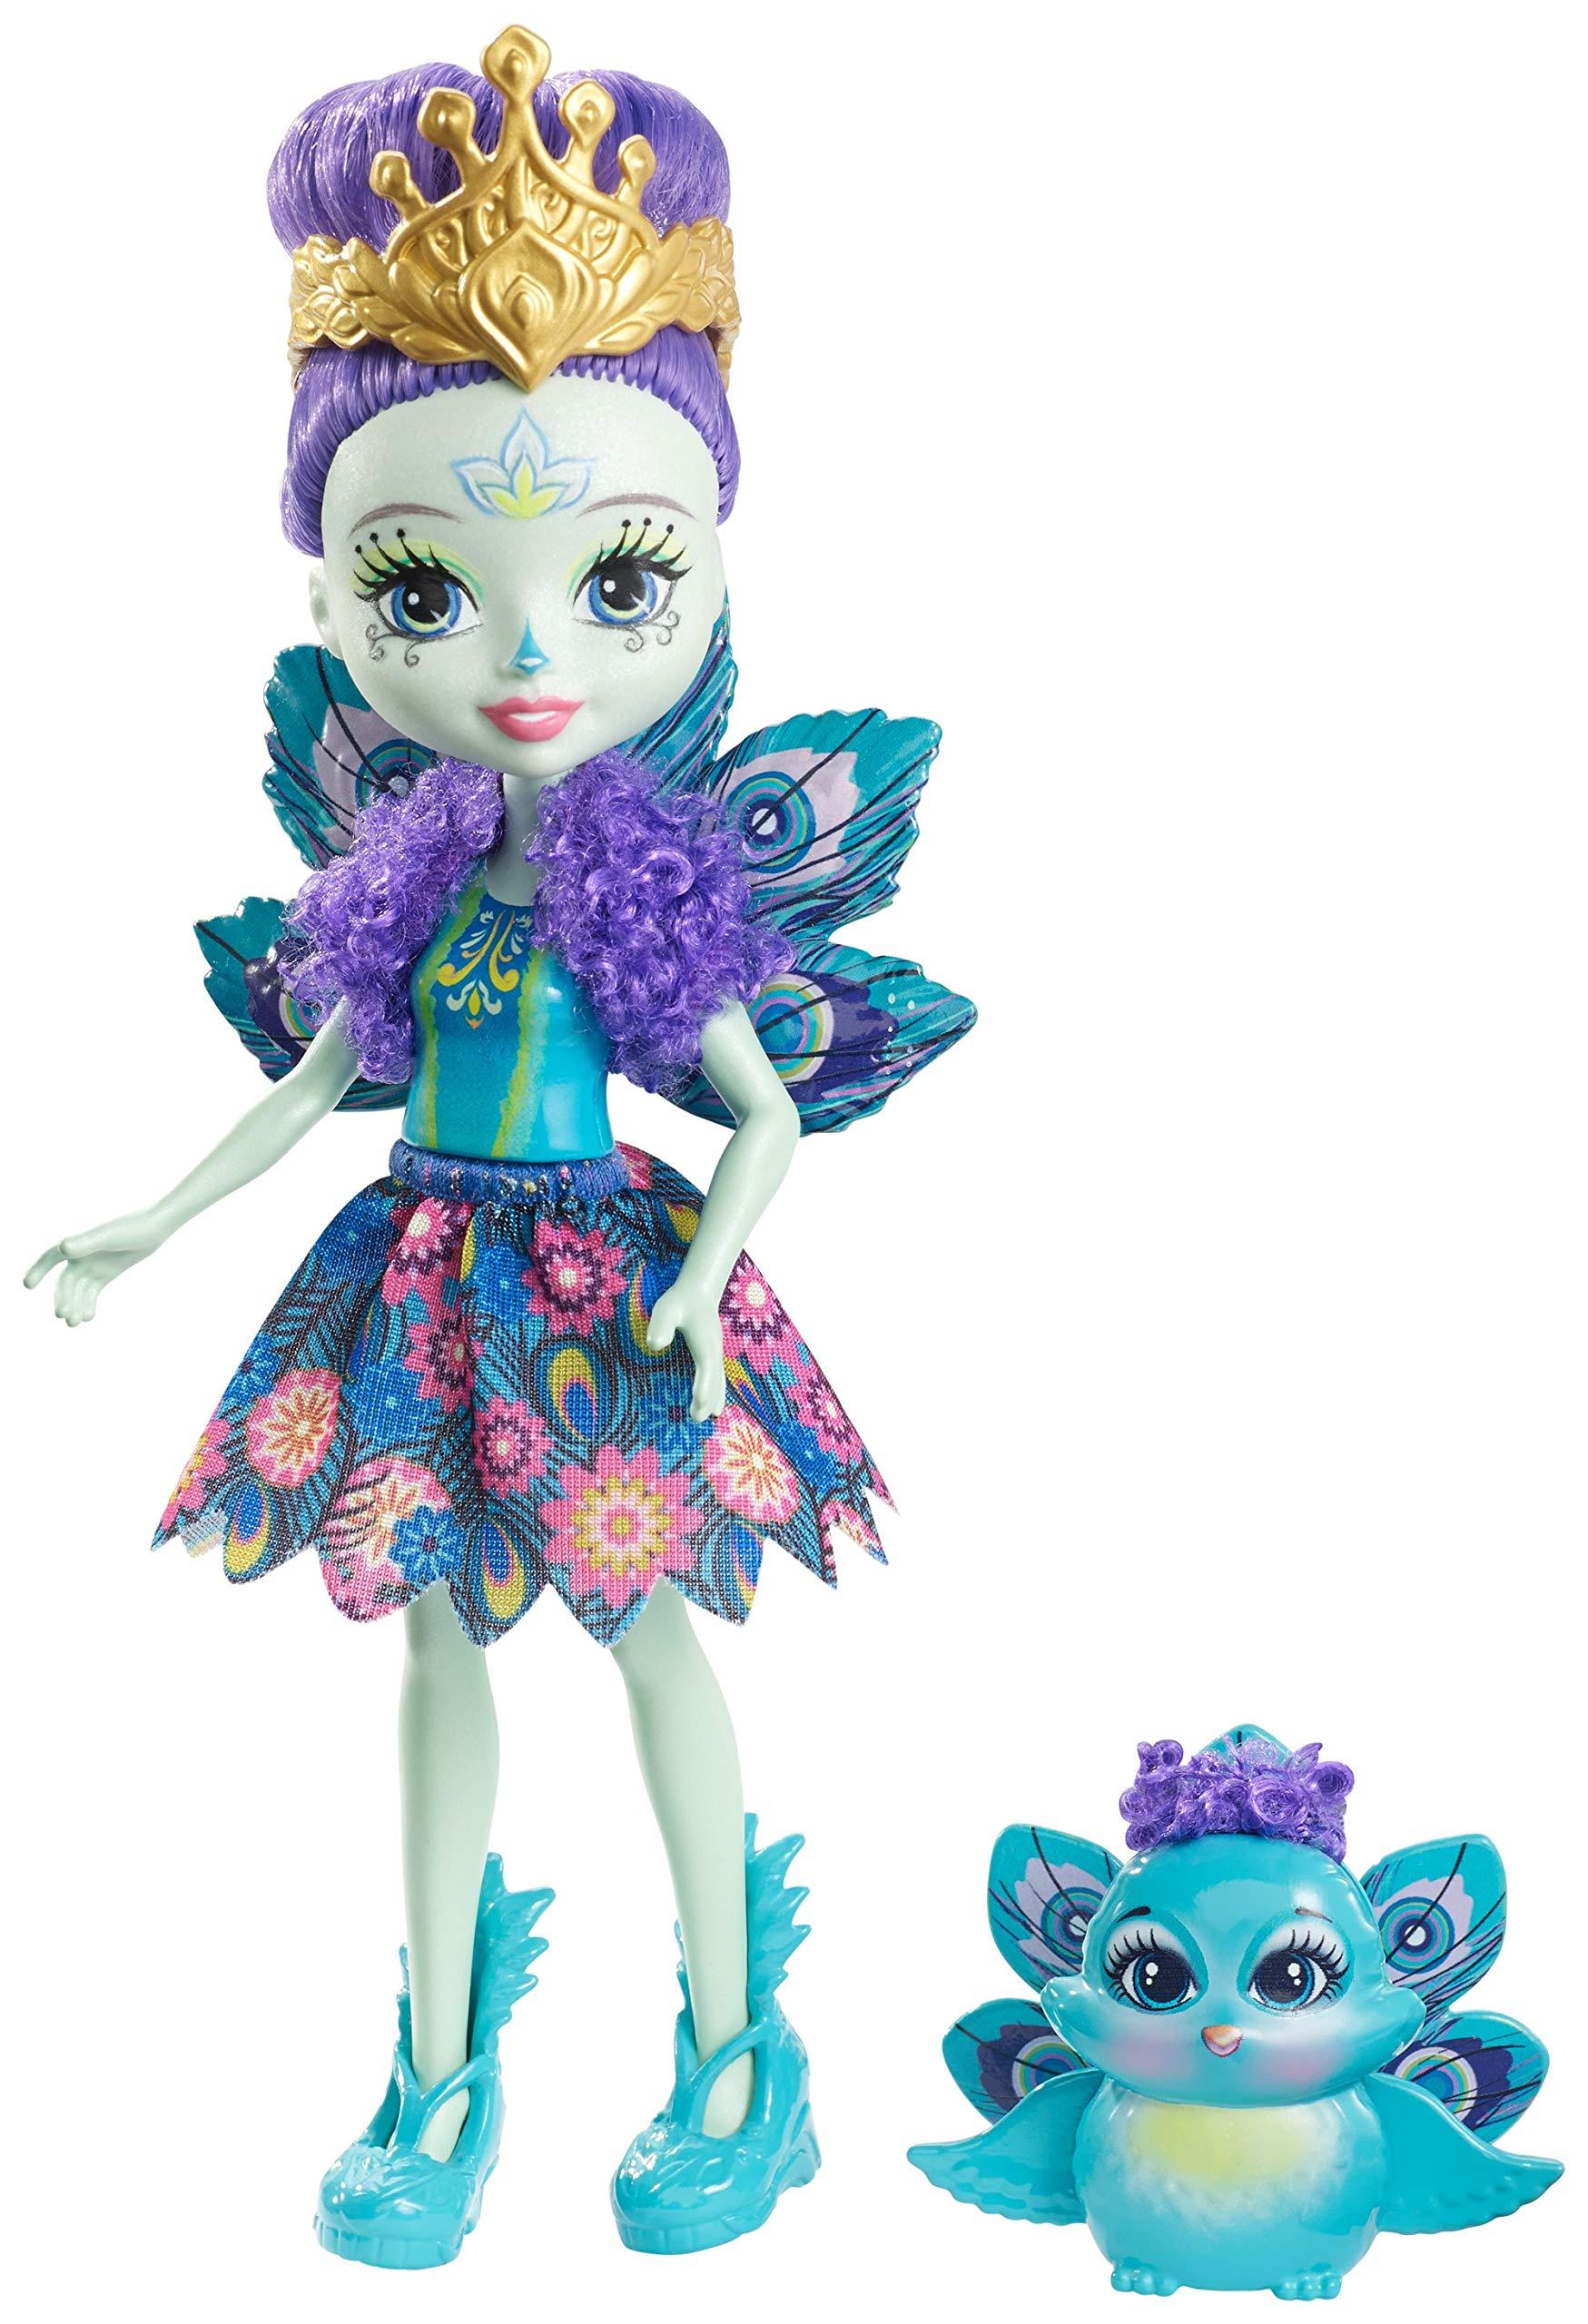 Enchantimals Mini-poupée Patter Paon et Figurine Animale Flap, aux cheveux violets avec jupe à motifs en tissu, jouet enfant, DYC76 product image